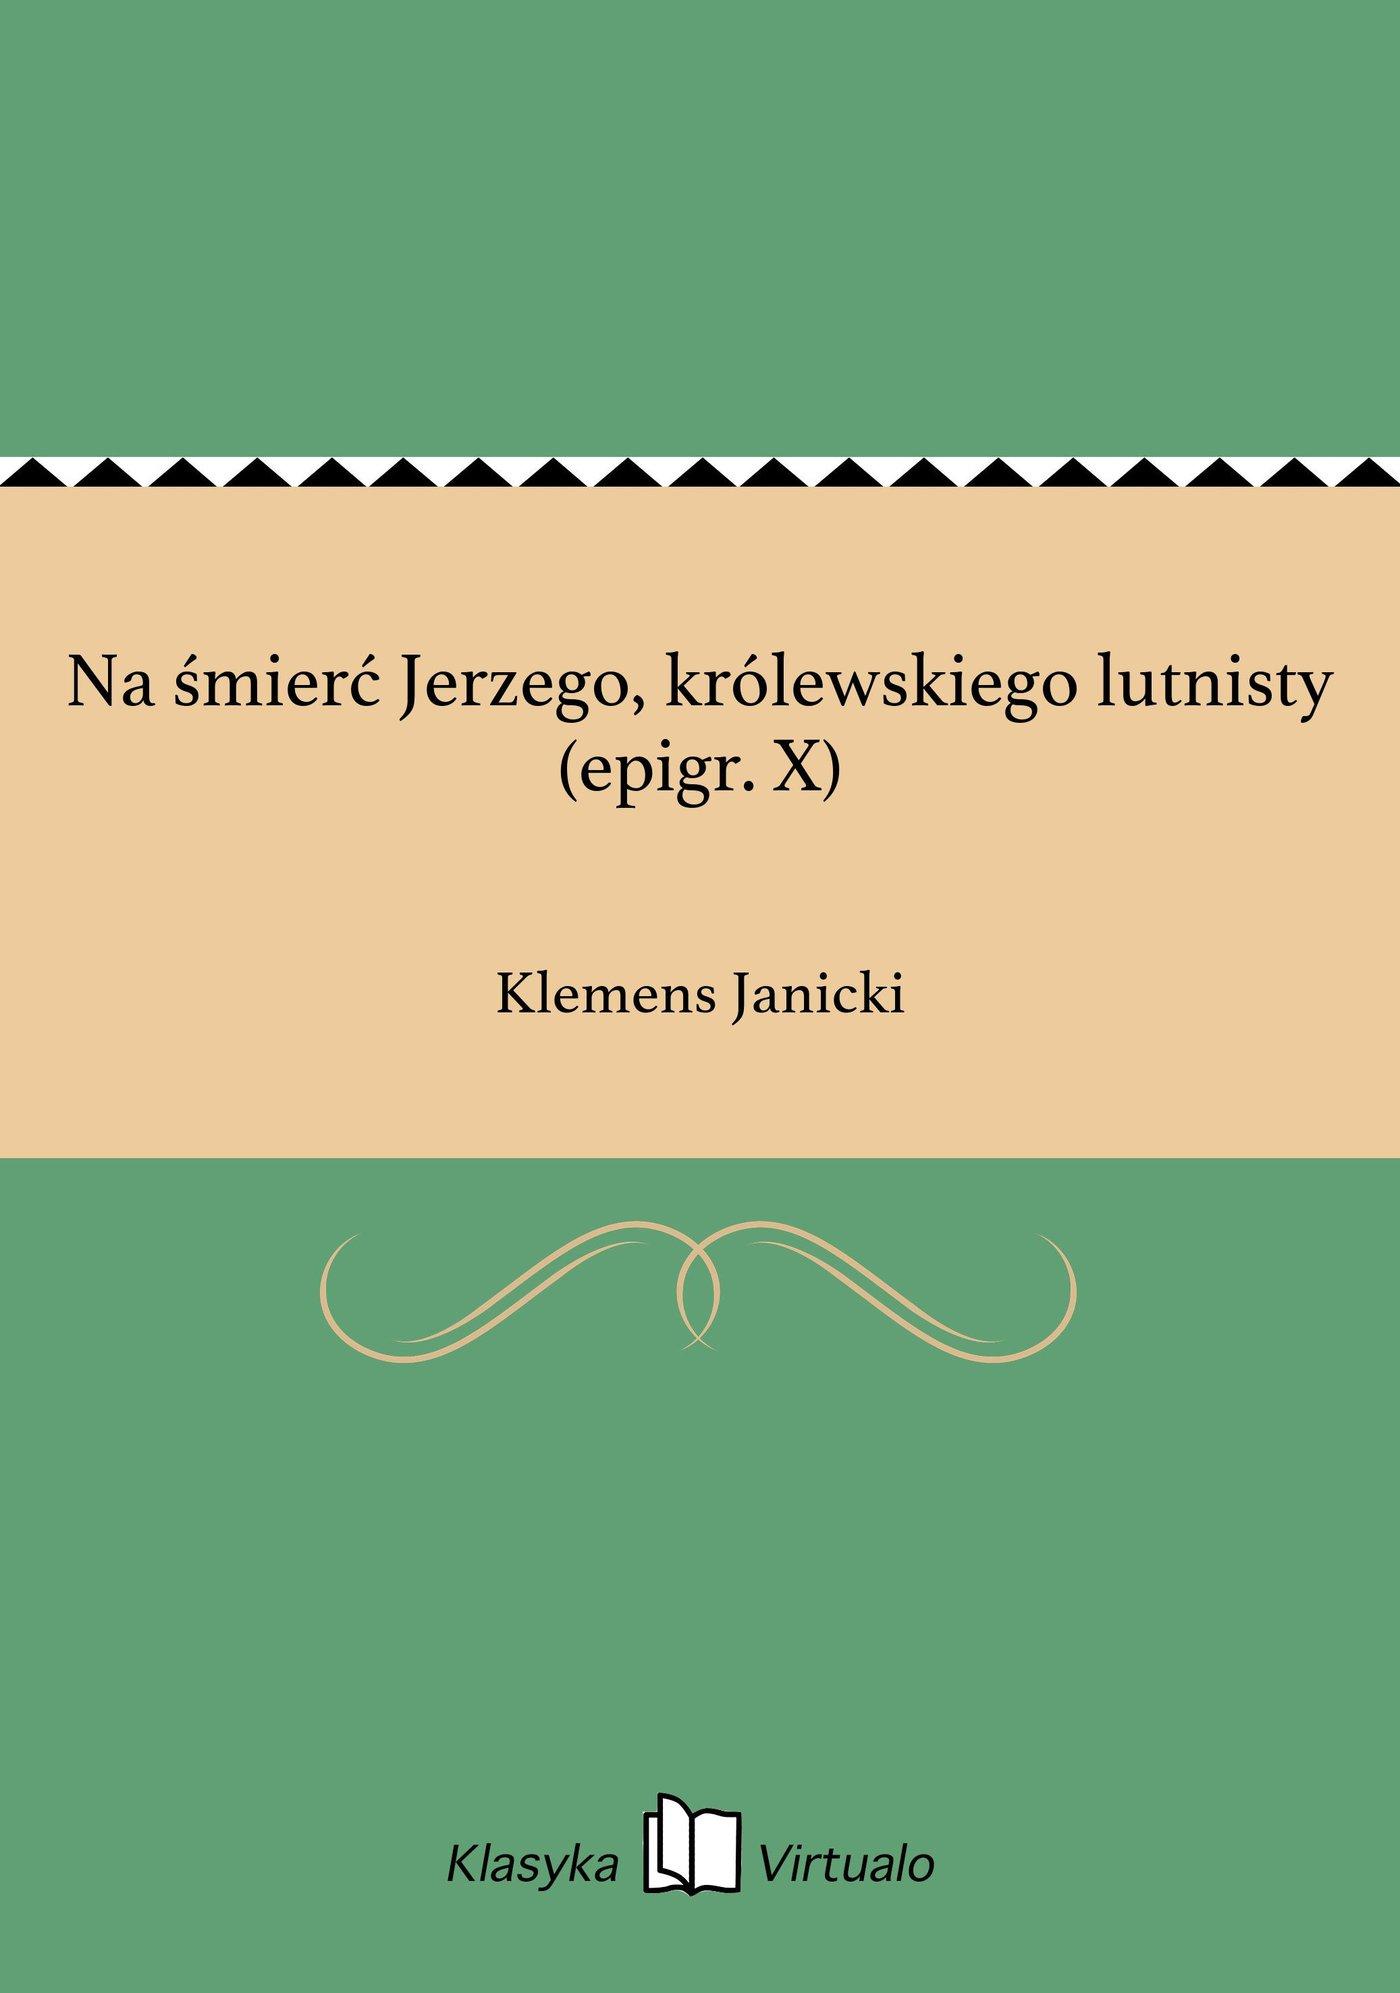 Na śmierć Jerzego, królewskiego lutnisty (epigr. X) - Ebook (Książka EPUB) do pobrania w formacie EPUB